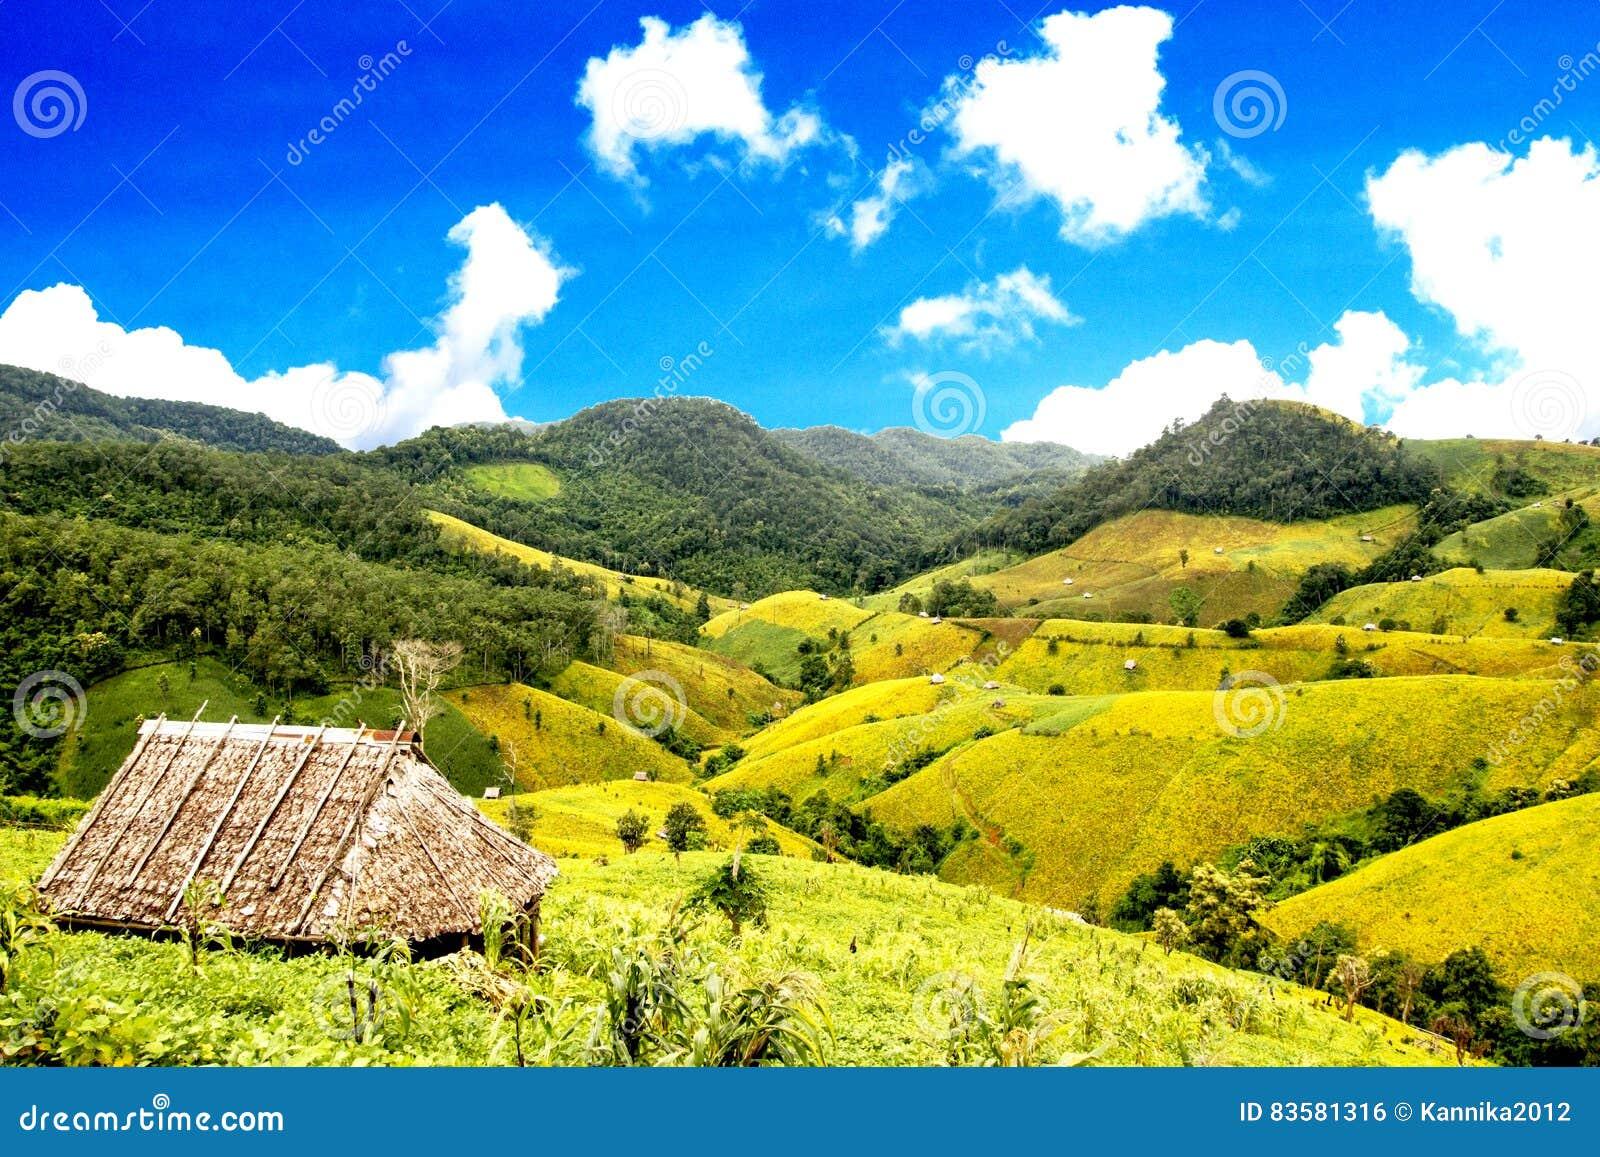 Sätter in sojabönabönan på berg